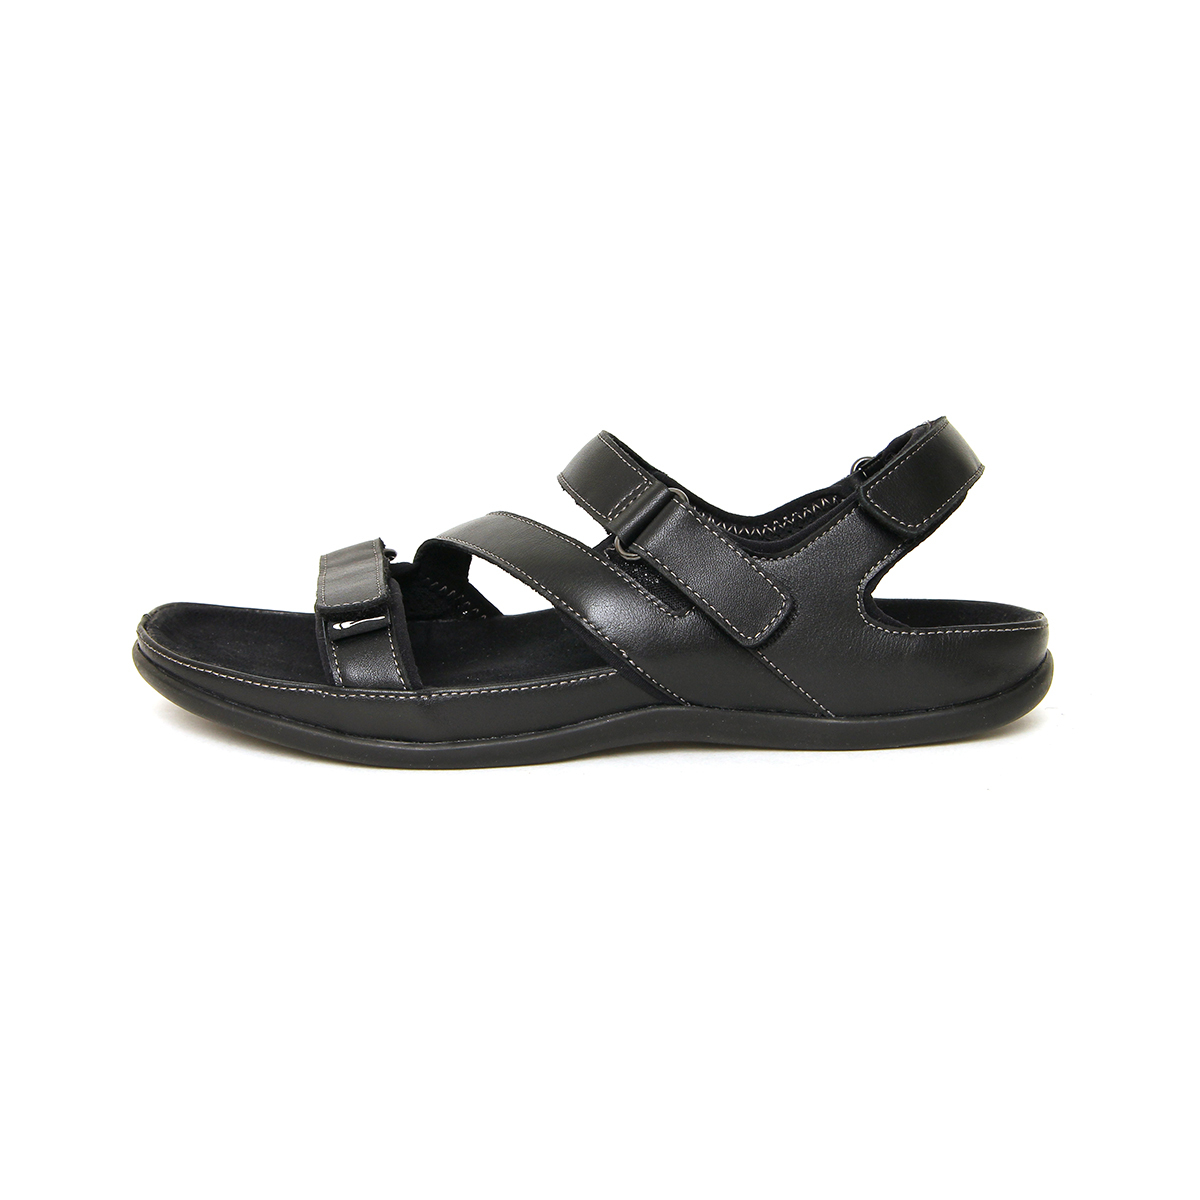 スニーカー感覚で歩き回れる「サンダル」|MONTANA (22-22.5cm) 独自開発の立体インソールで、スニーカーみたいに歩き回れる「サンダル」